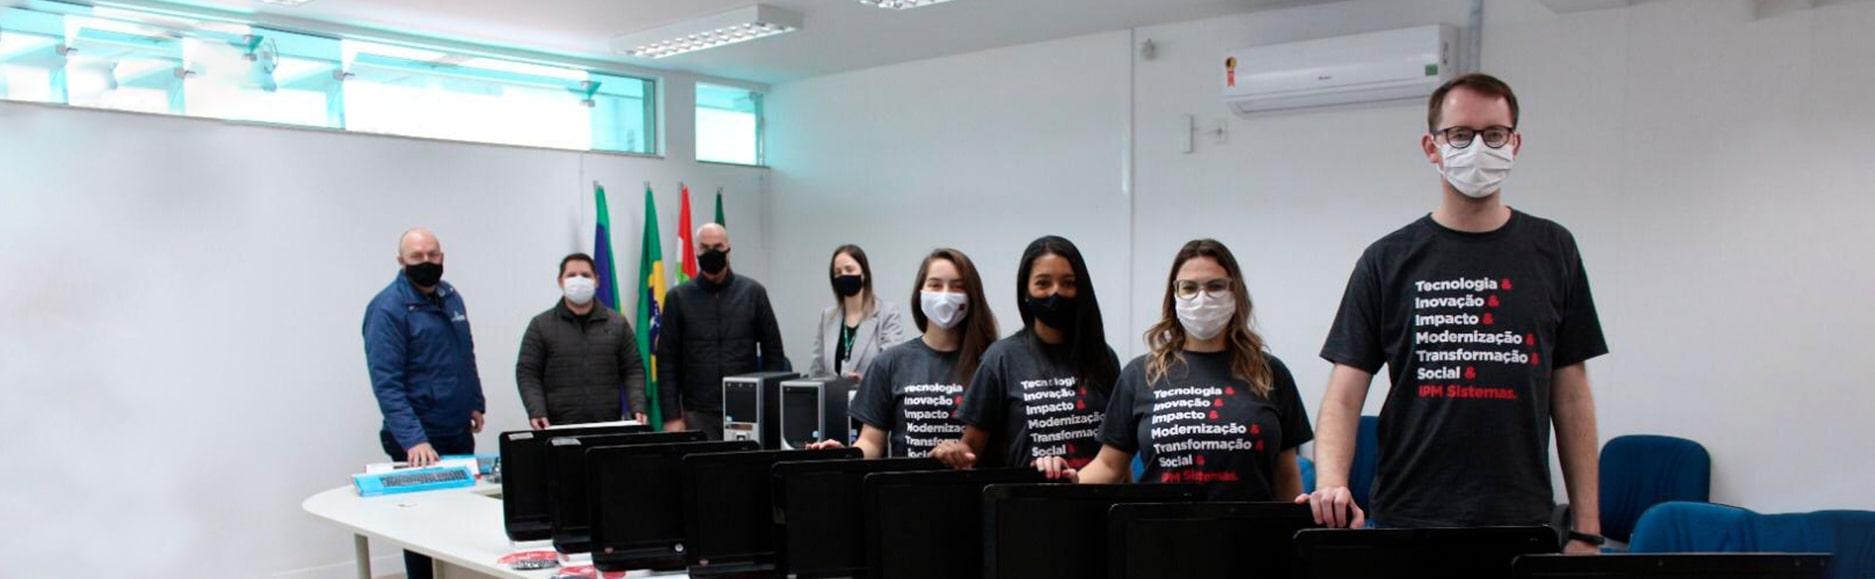 Doação de computadores beneficia jovens de casas de acolhimento no Alto Vale do Itajaí